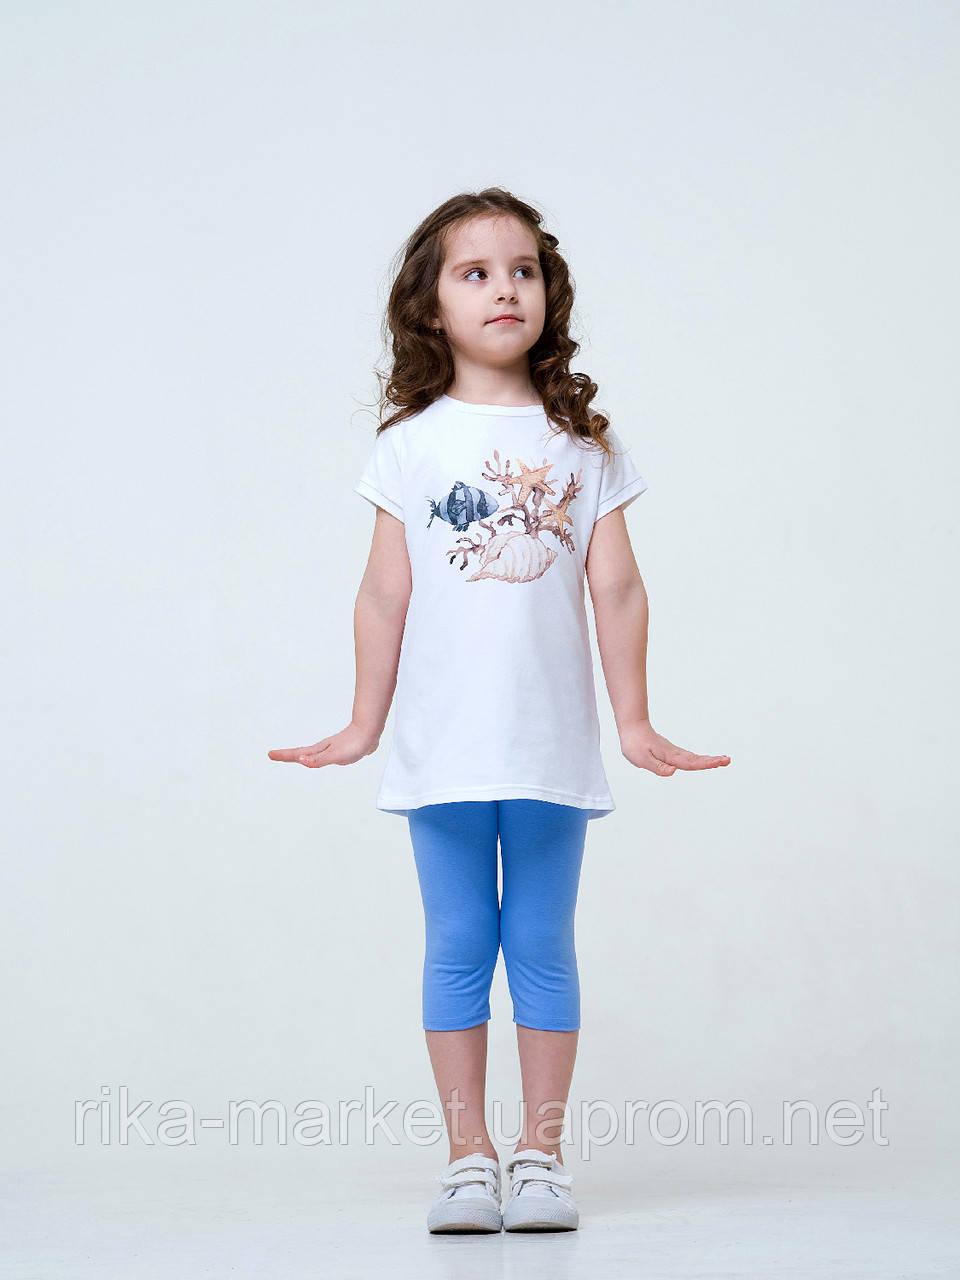 Туника для девочки, Смил, от 2 до 6 лет, 110573